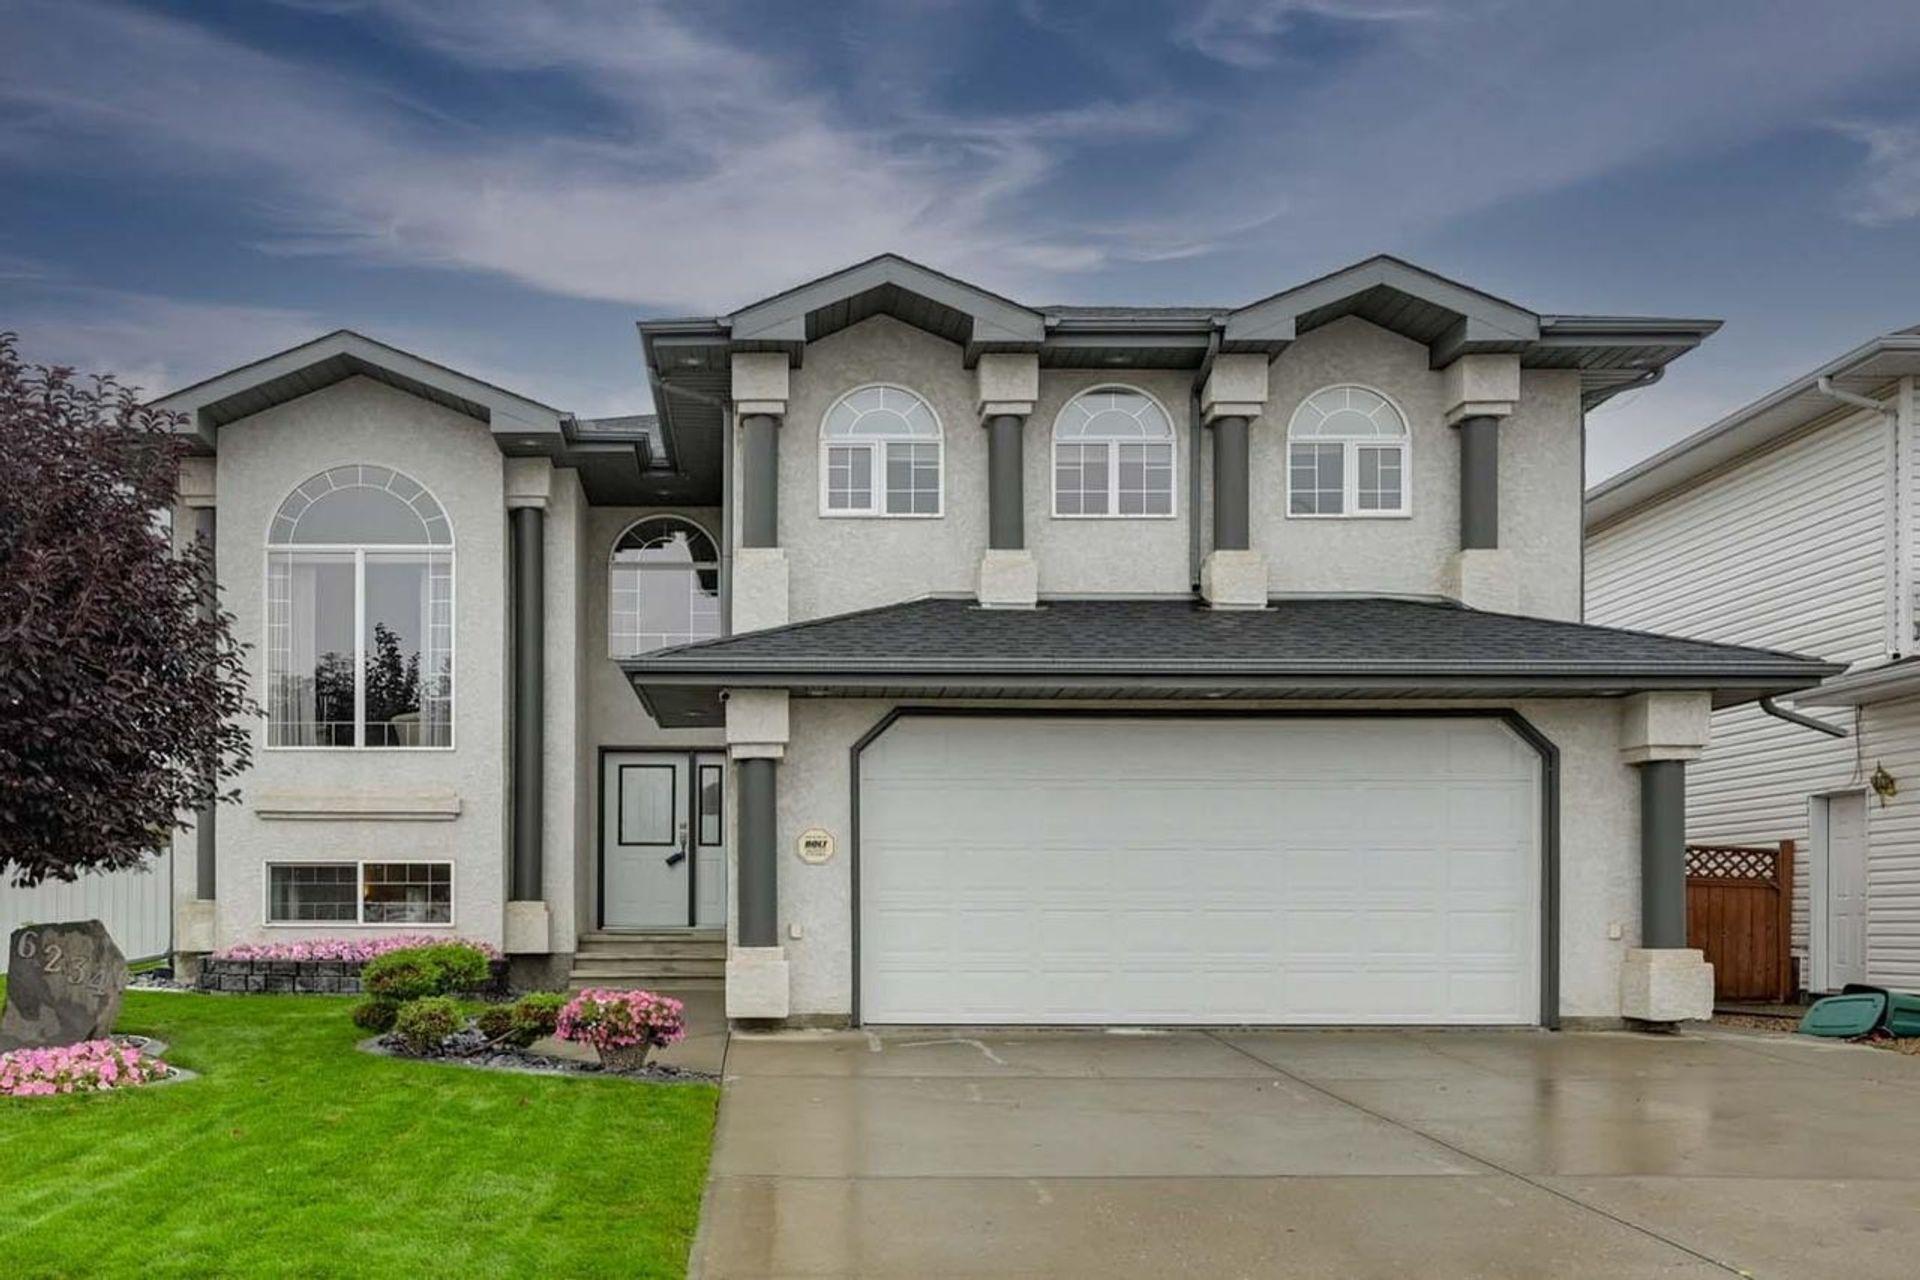 6234 162a Avenue, Matt Berry, Edmonton